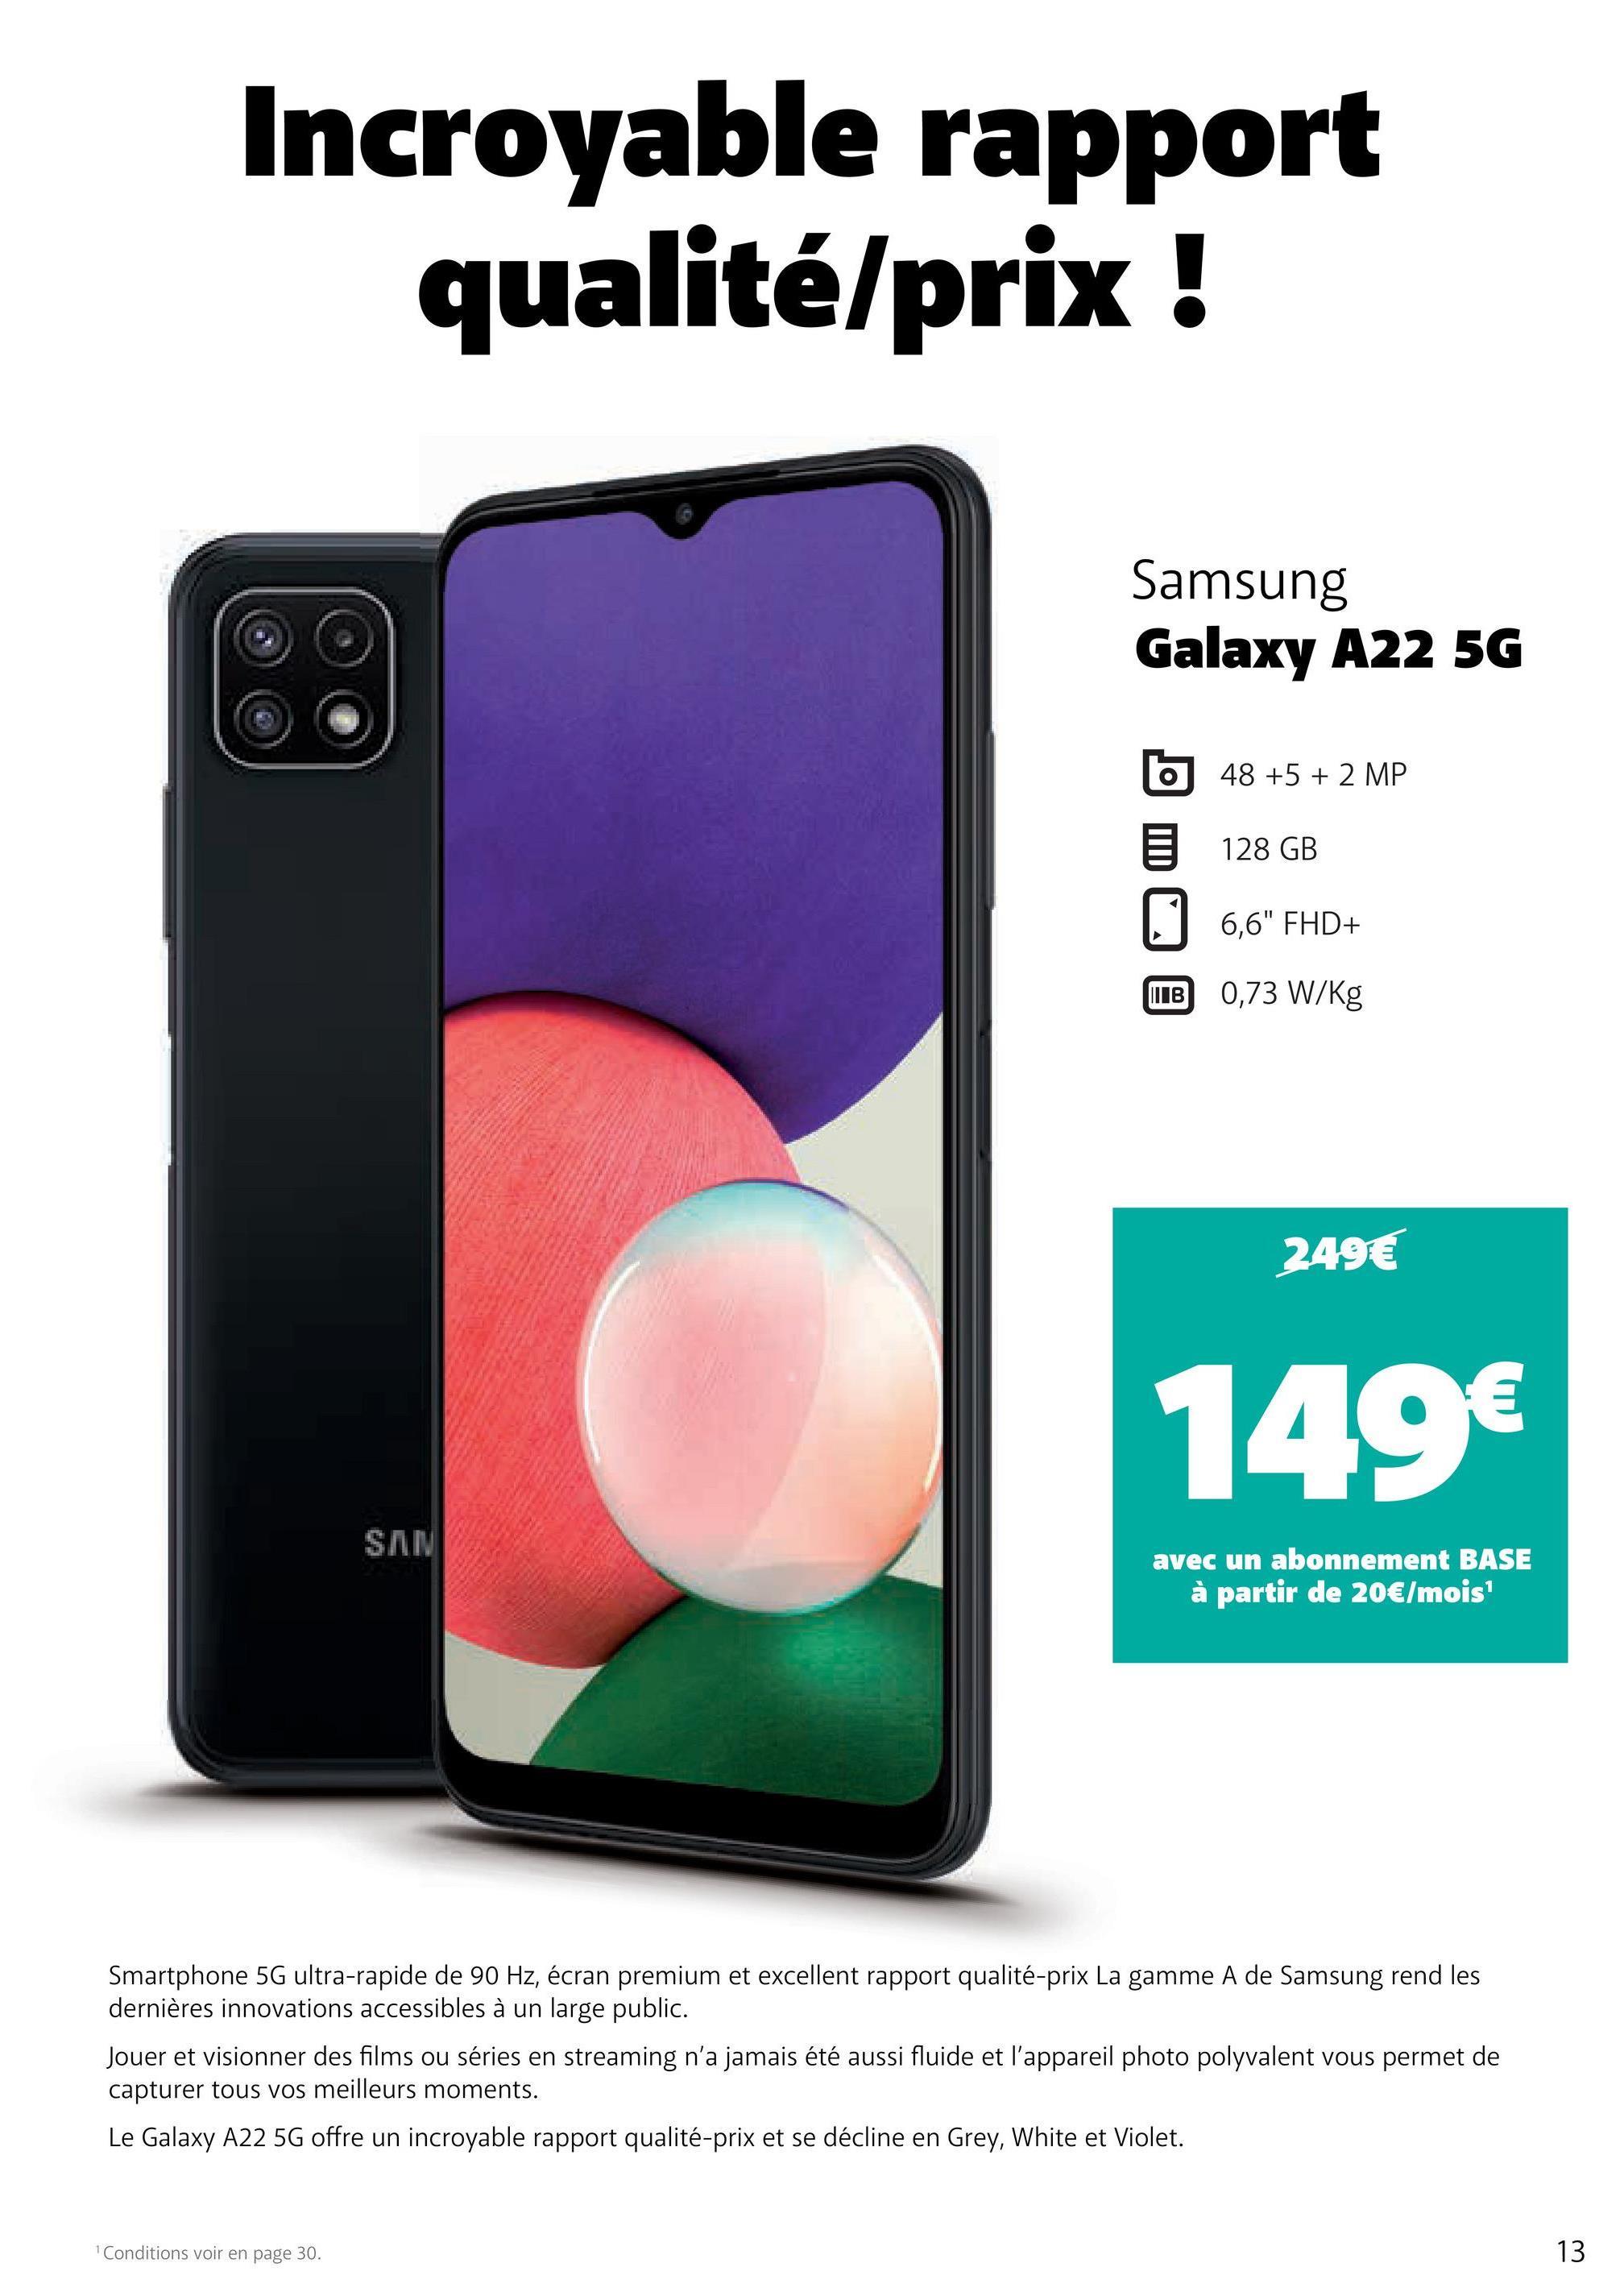 """Incroyable rapport qualité/prix ! Samsung Galaxy A22 5G 48 +5 + 2 MP 128 GB 0 + 6,6"""" FHD+ IIIB 0,73 W/kg 249€ 149€ SAN avec un abonnement BASE à partir de 20€/mois Smartphone 5G ultra-rapide de 90 Hz, écran premium et excellent rapport qualité-prix La gamme A de Samsung rend les dernières innovations accessibles à un large public. Jouer et visionner des films ou séries en streaming n'a jamais été aussi fluide et l'appareil photo polyvalent vous permet de capturer tous vos meilleurs moments. Le Galaxy A22 56 offre un incroyable rapport qualité-prix et se décline en Grey, White et Violet. Conditions voir en page 30. 13"""